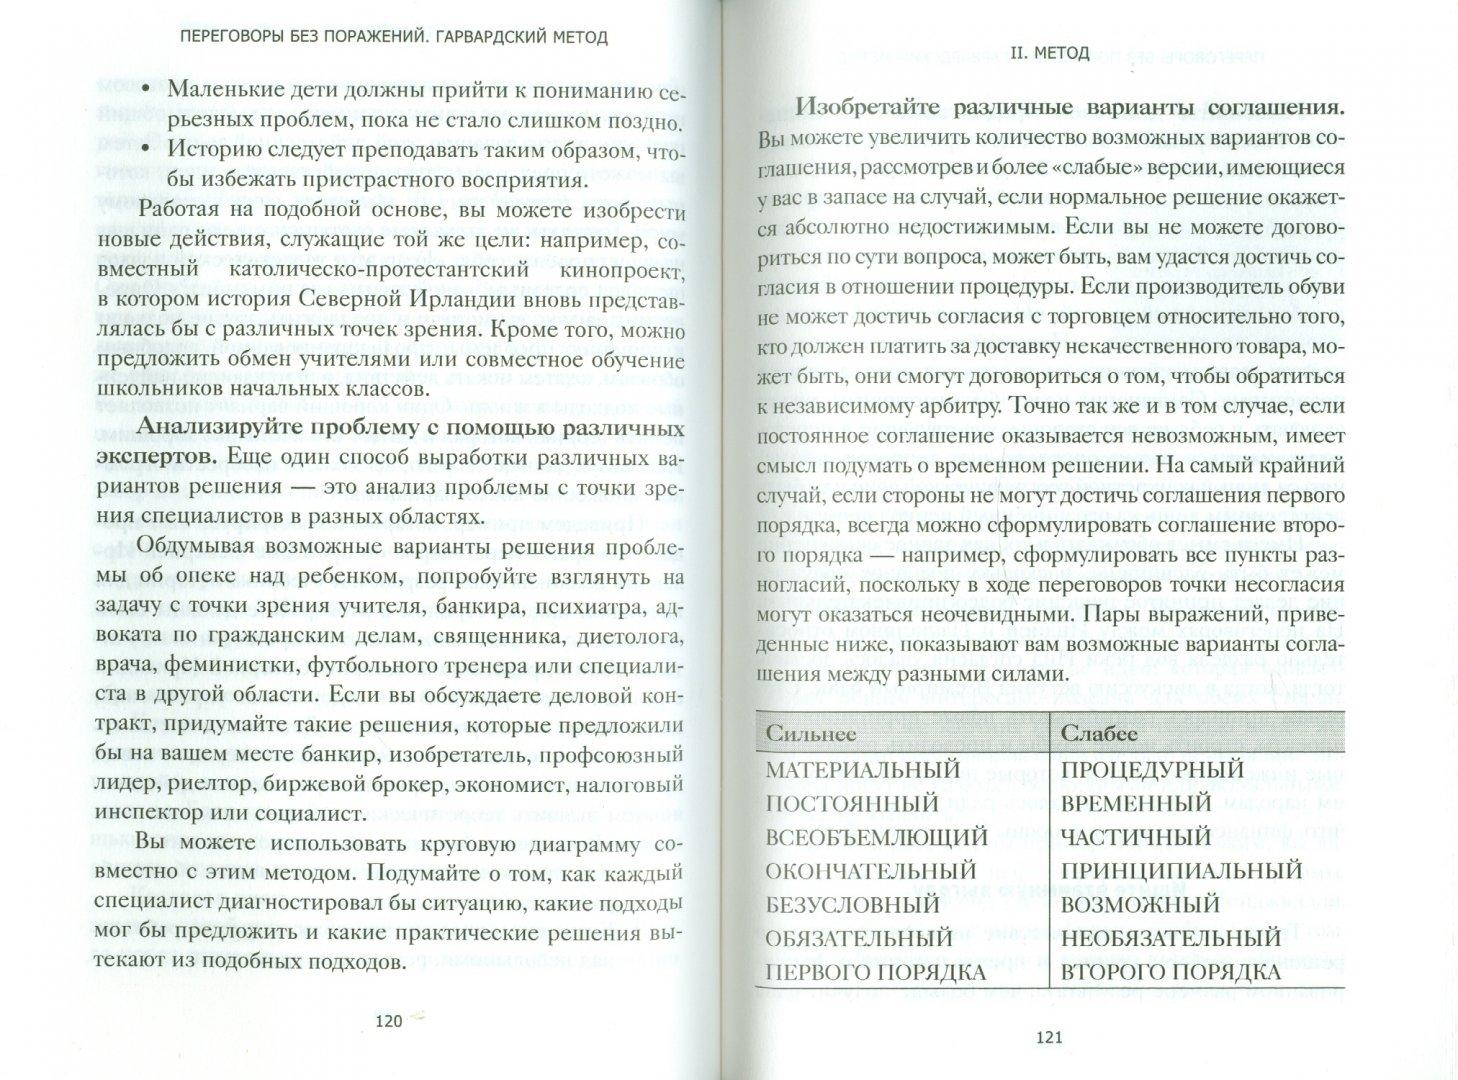 Иллюстрация 1 из 6 для Переговоры без поражения. Гарвардский метод - Фишер, Юри, Паттон | Лабиринт - книги. Источник: Лабиринт